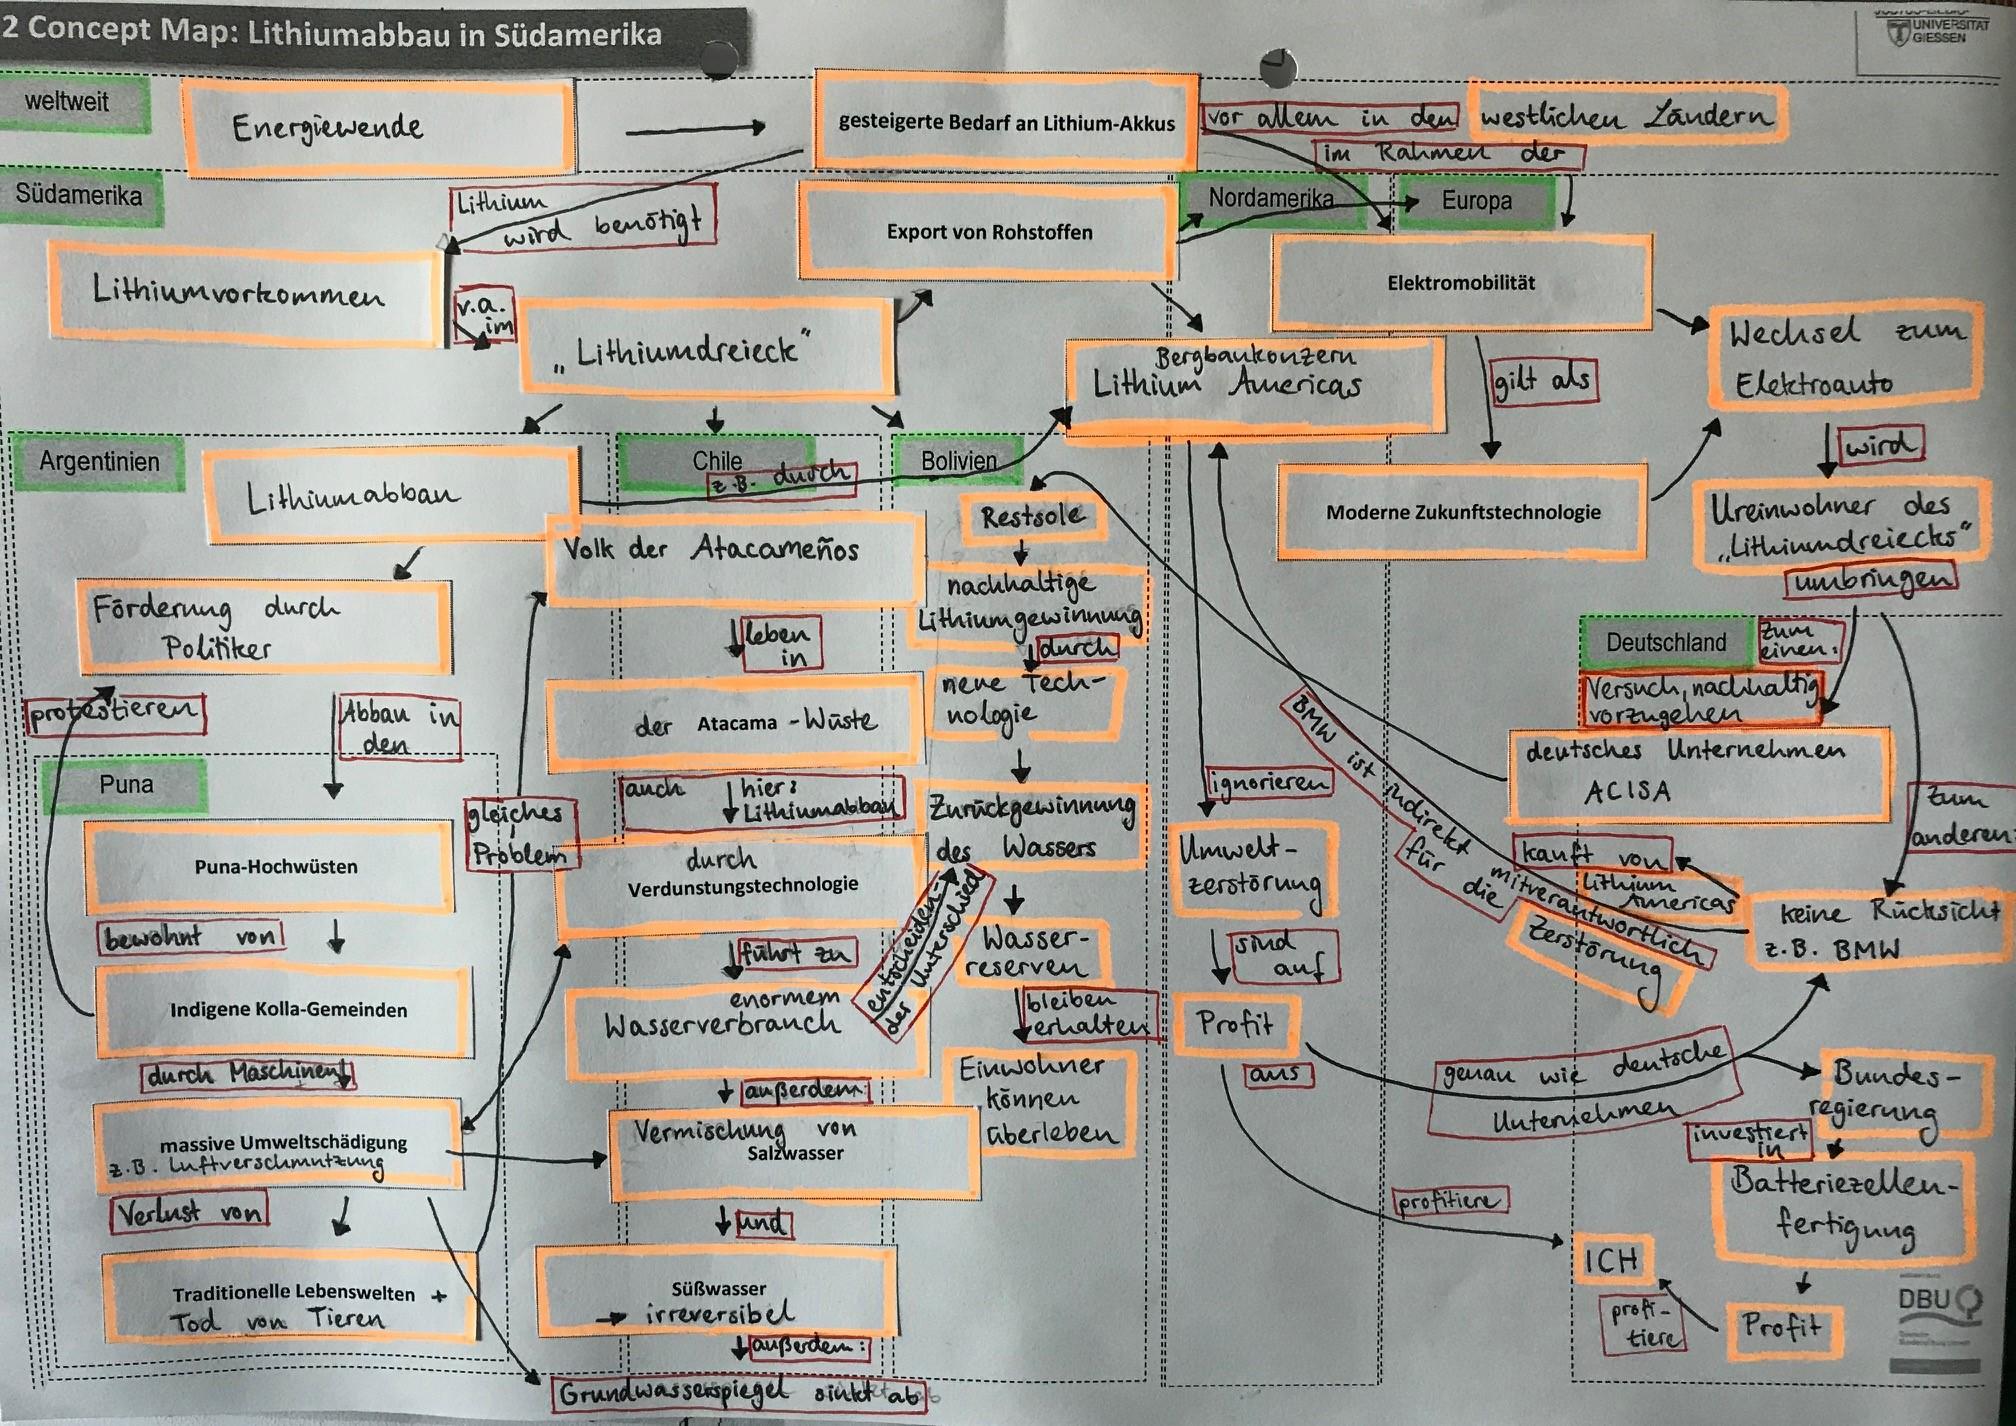 Schülerlösung zu der Aufgabe Maßstabsebenen und Concept-Mapping